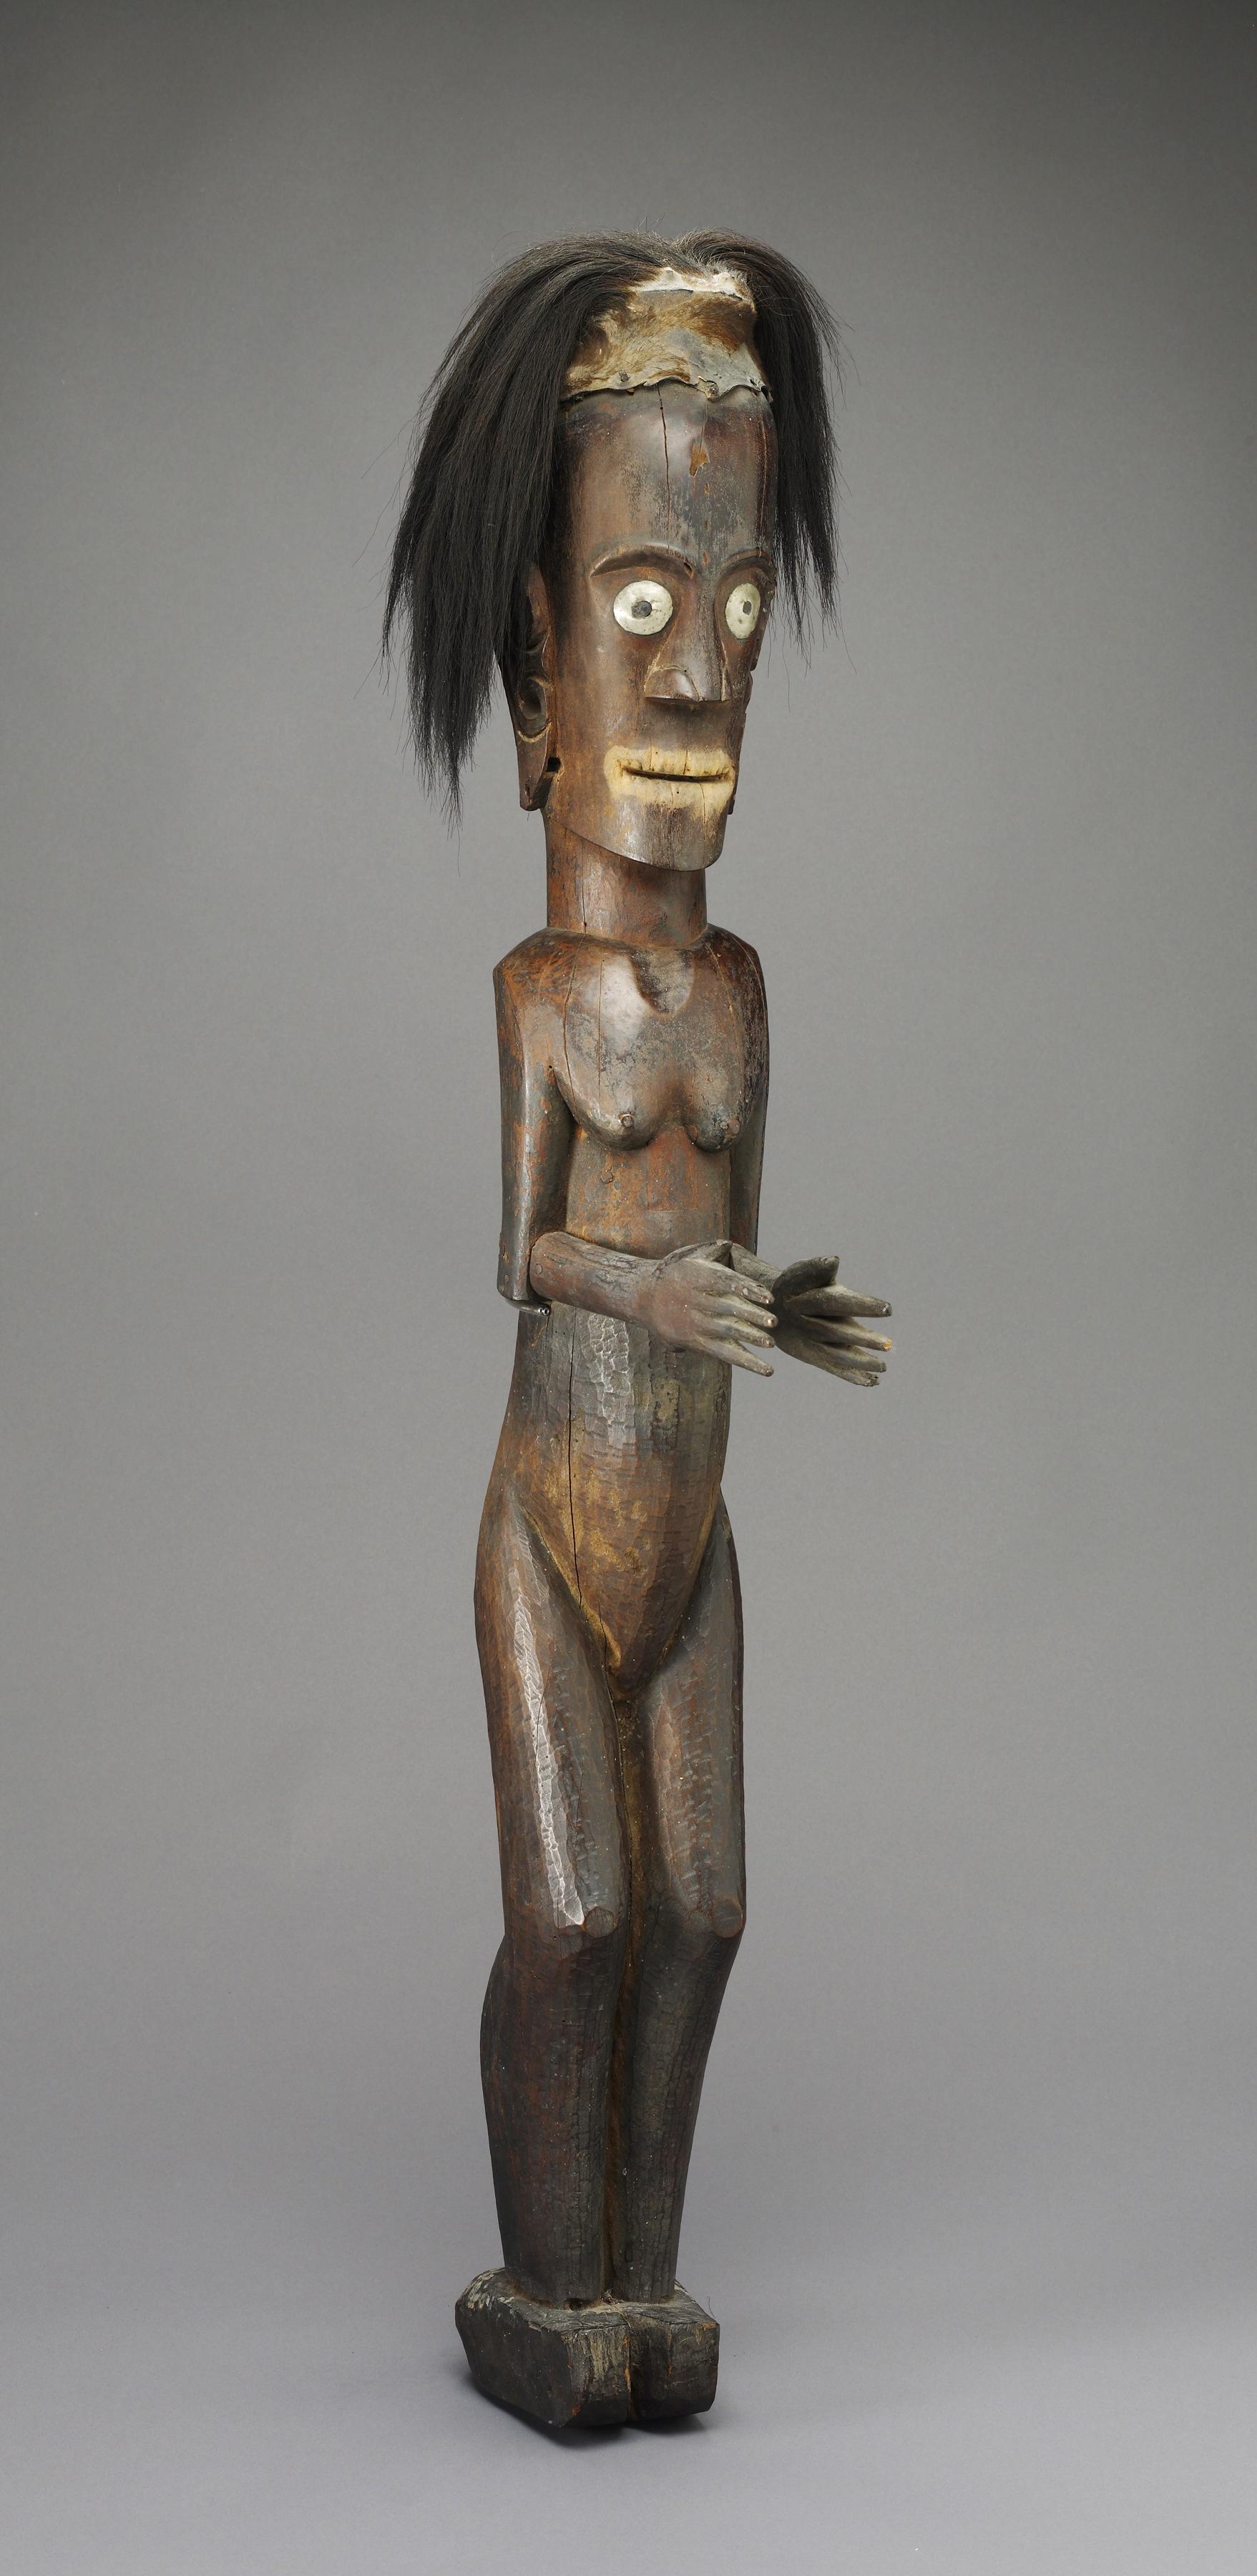 Protective Statue |  Pagar  © de Young Museum FAMSF | California, USA